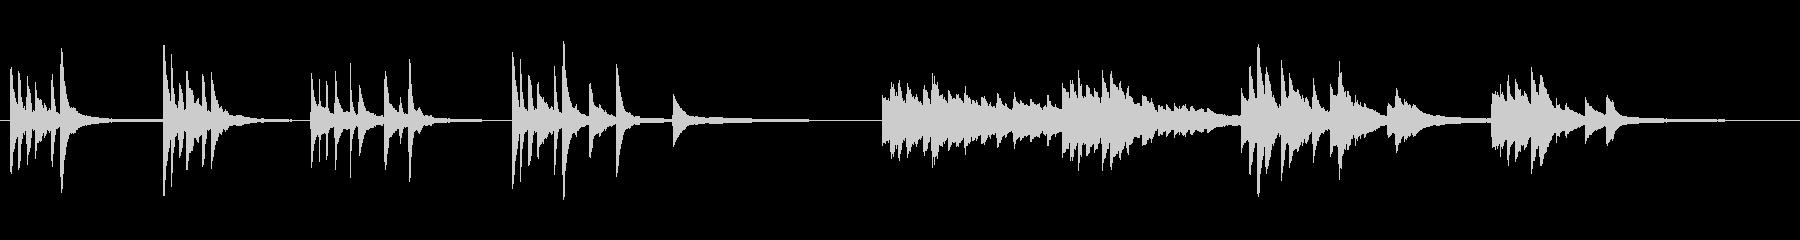 シンプルなメロディのピアノ曲の未再生の波形